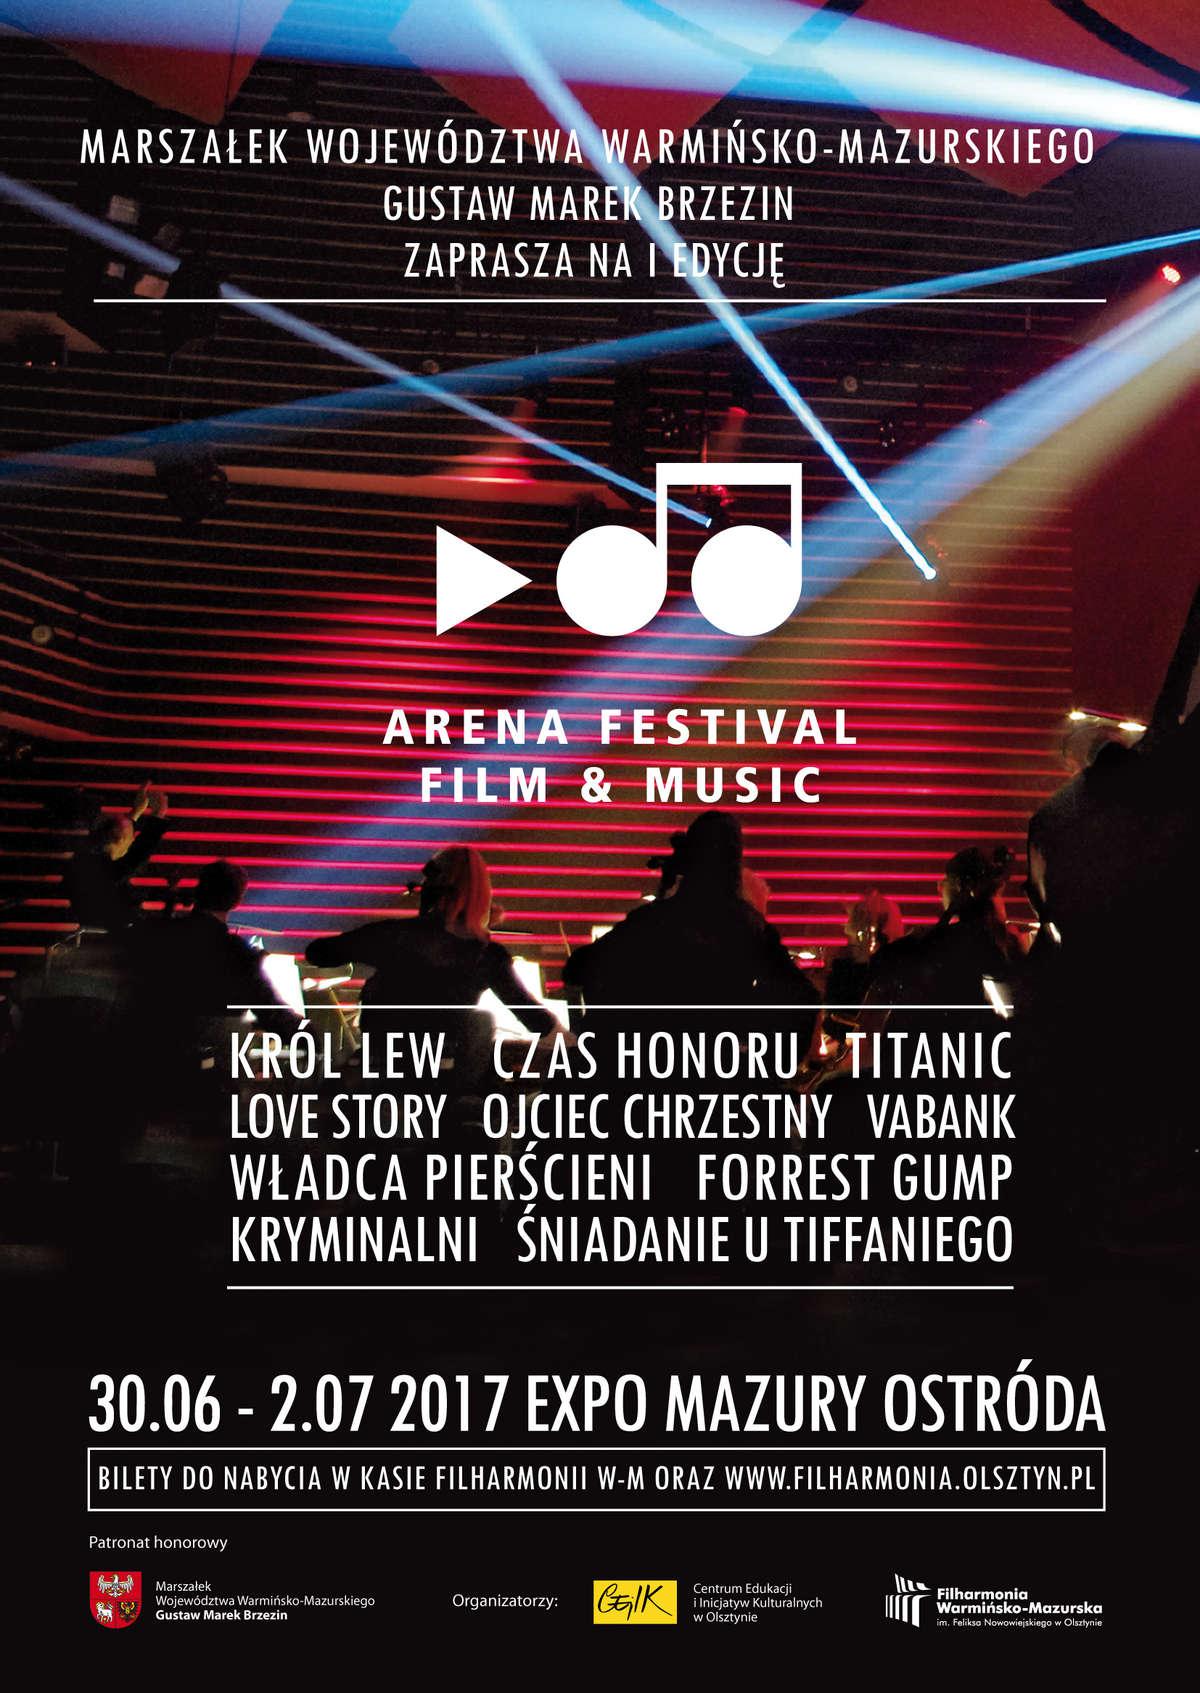 Trzy dni święta muzyki filmowej w EXPO Mazury w Ostródzie - full image